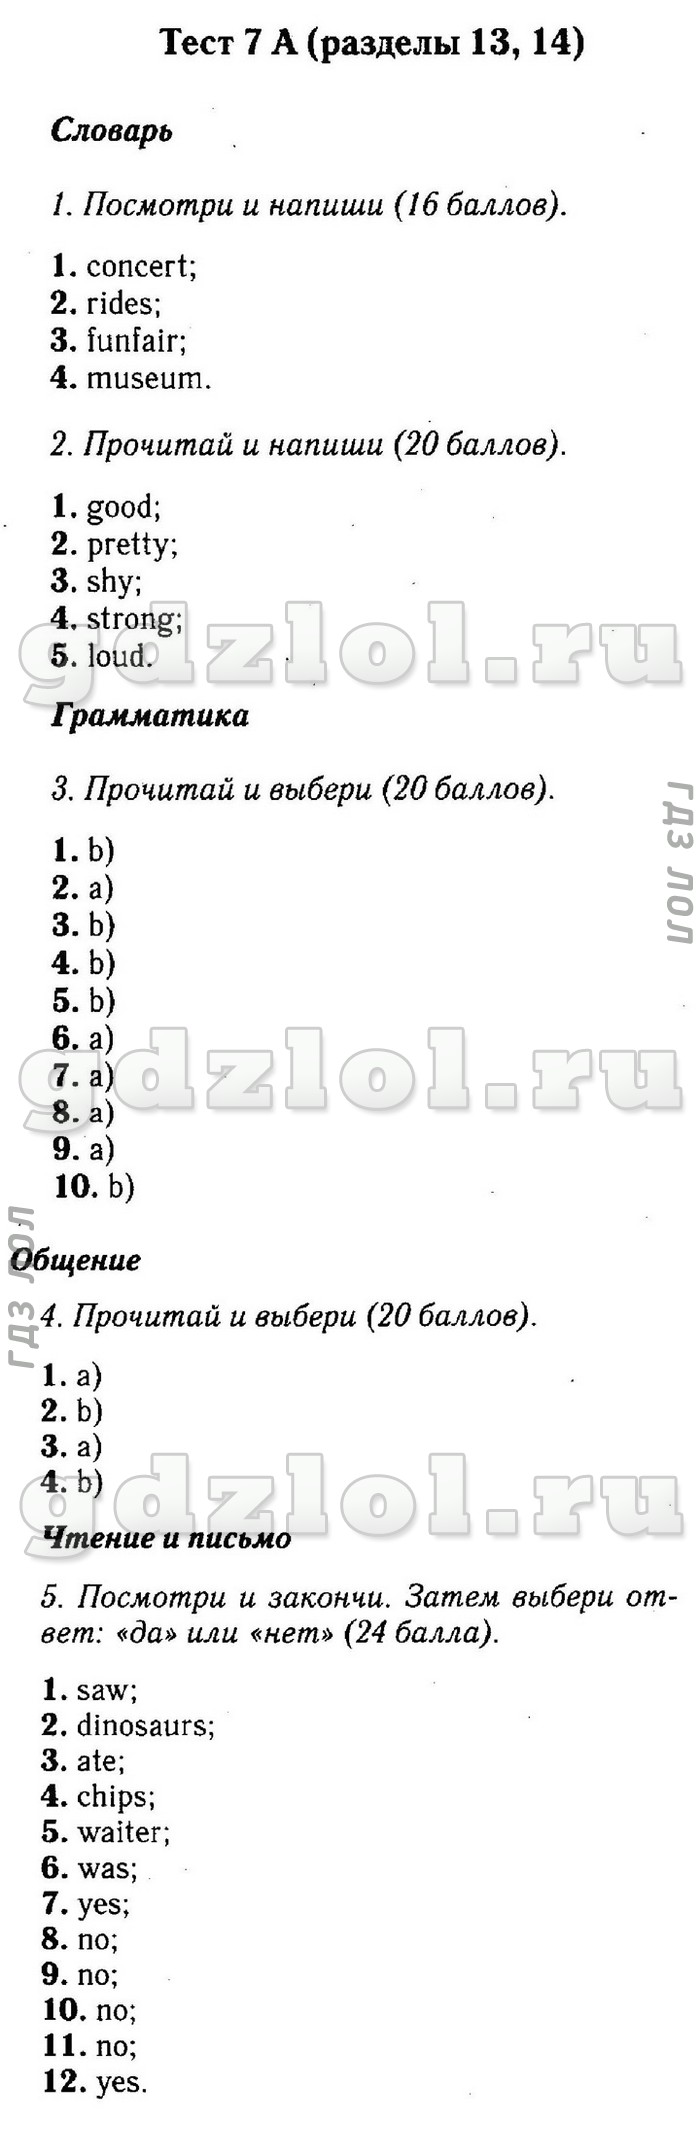 Для класса по гдз языку ой 4 тестов английскому седунов